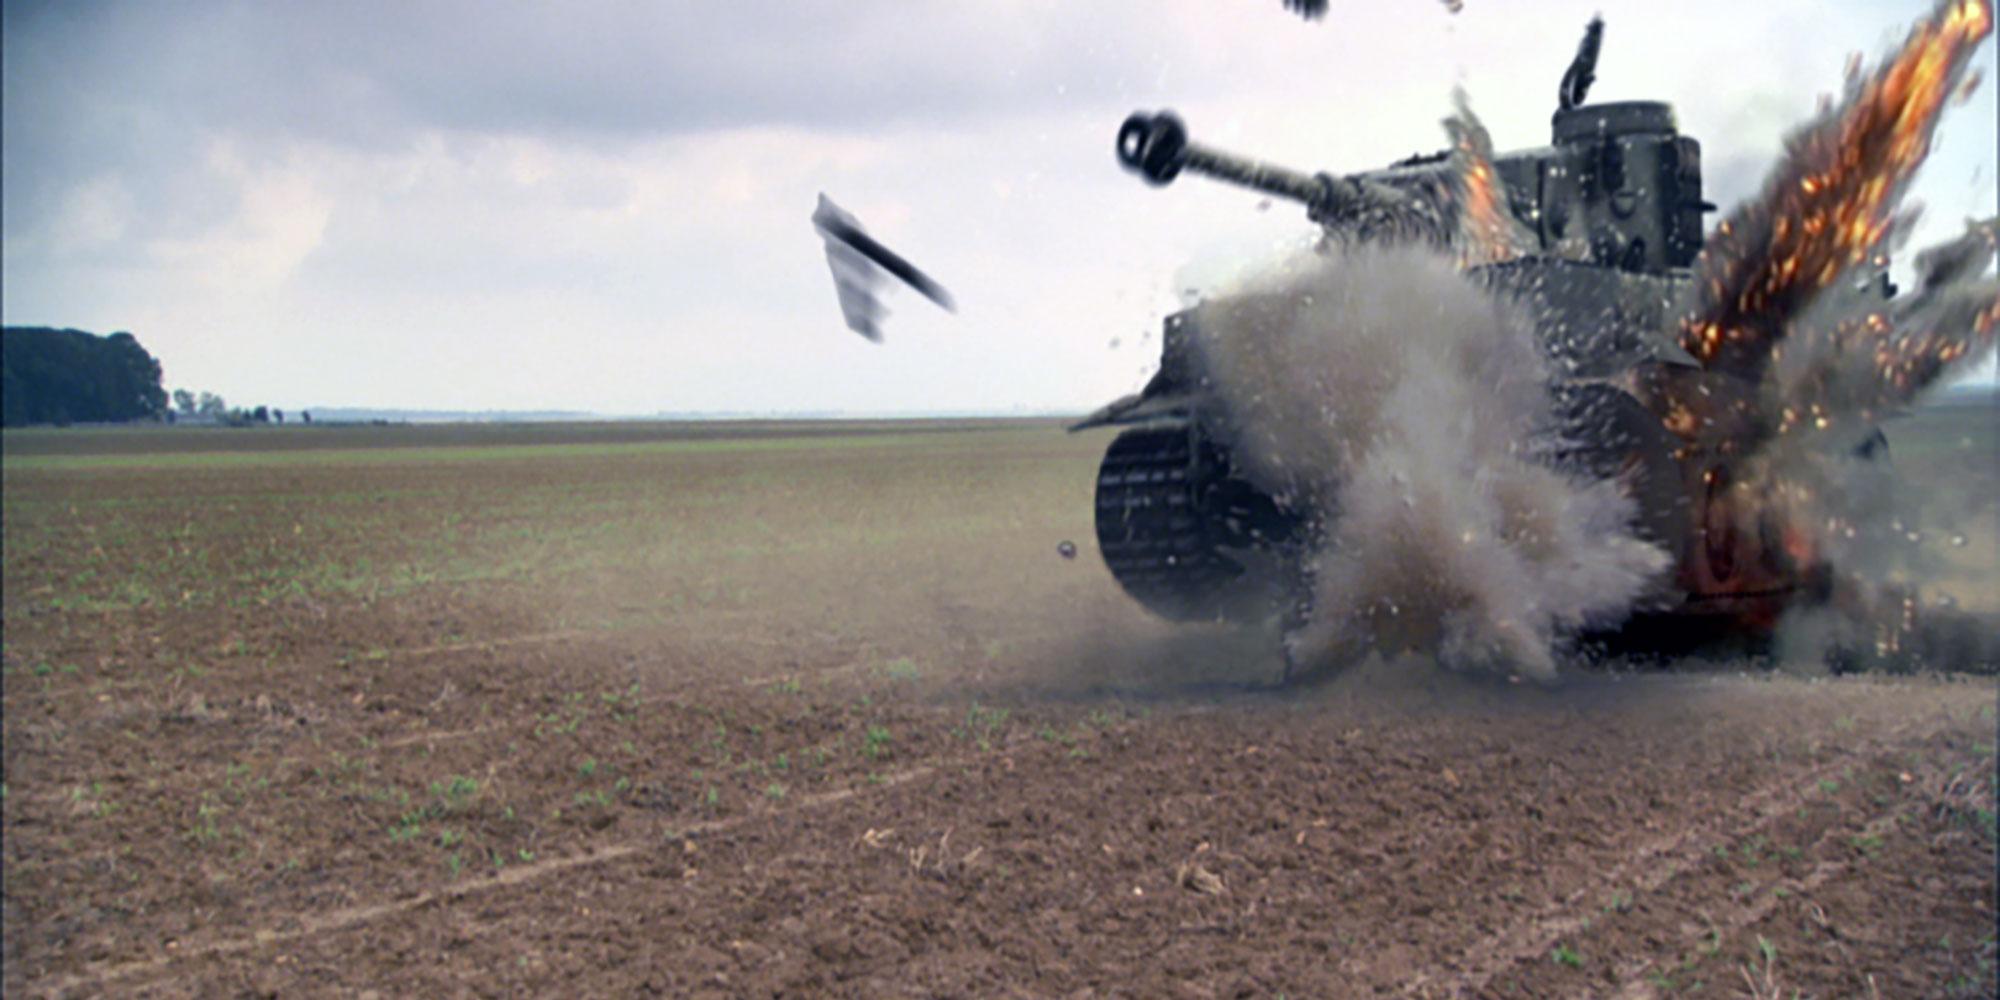 Battlefield Mysteries Ep 1- Panzer Ace Michael Wittmann